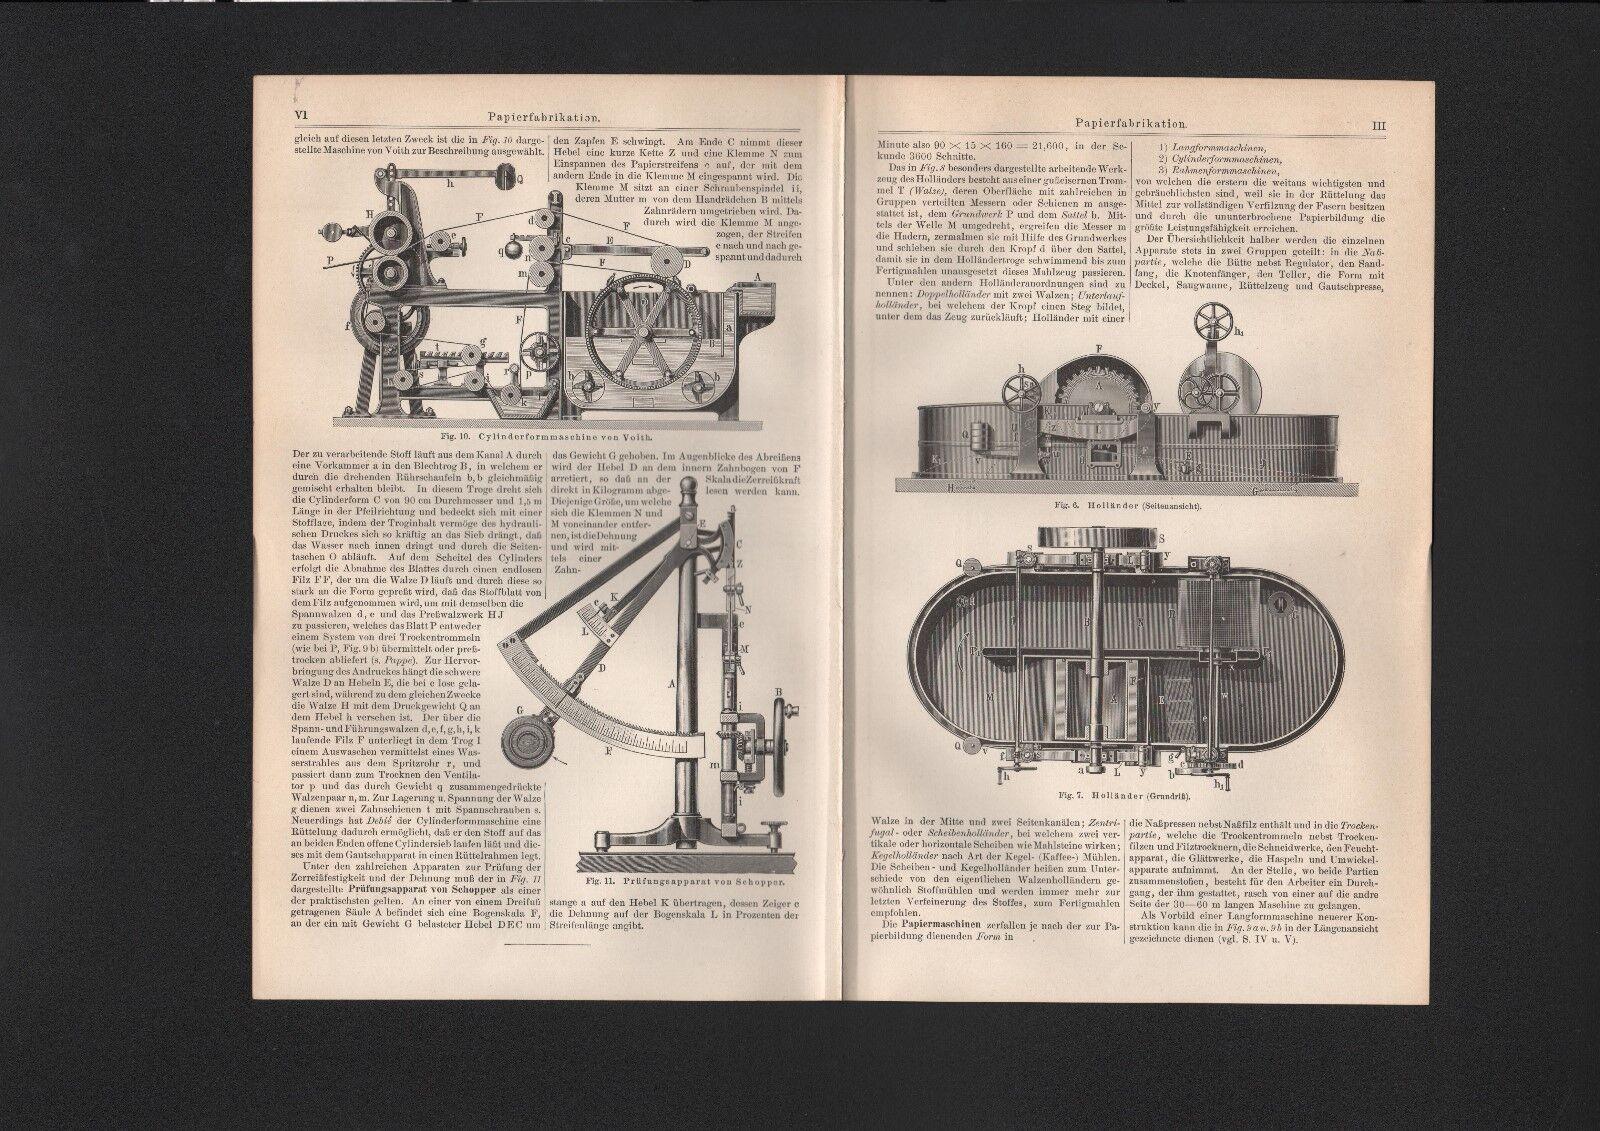 Lithografie Druck 1897: PAPIERFABRIKATION. PAPIER Fabrik Maschinen Technik